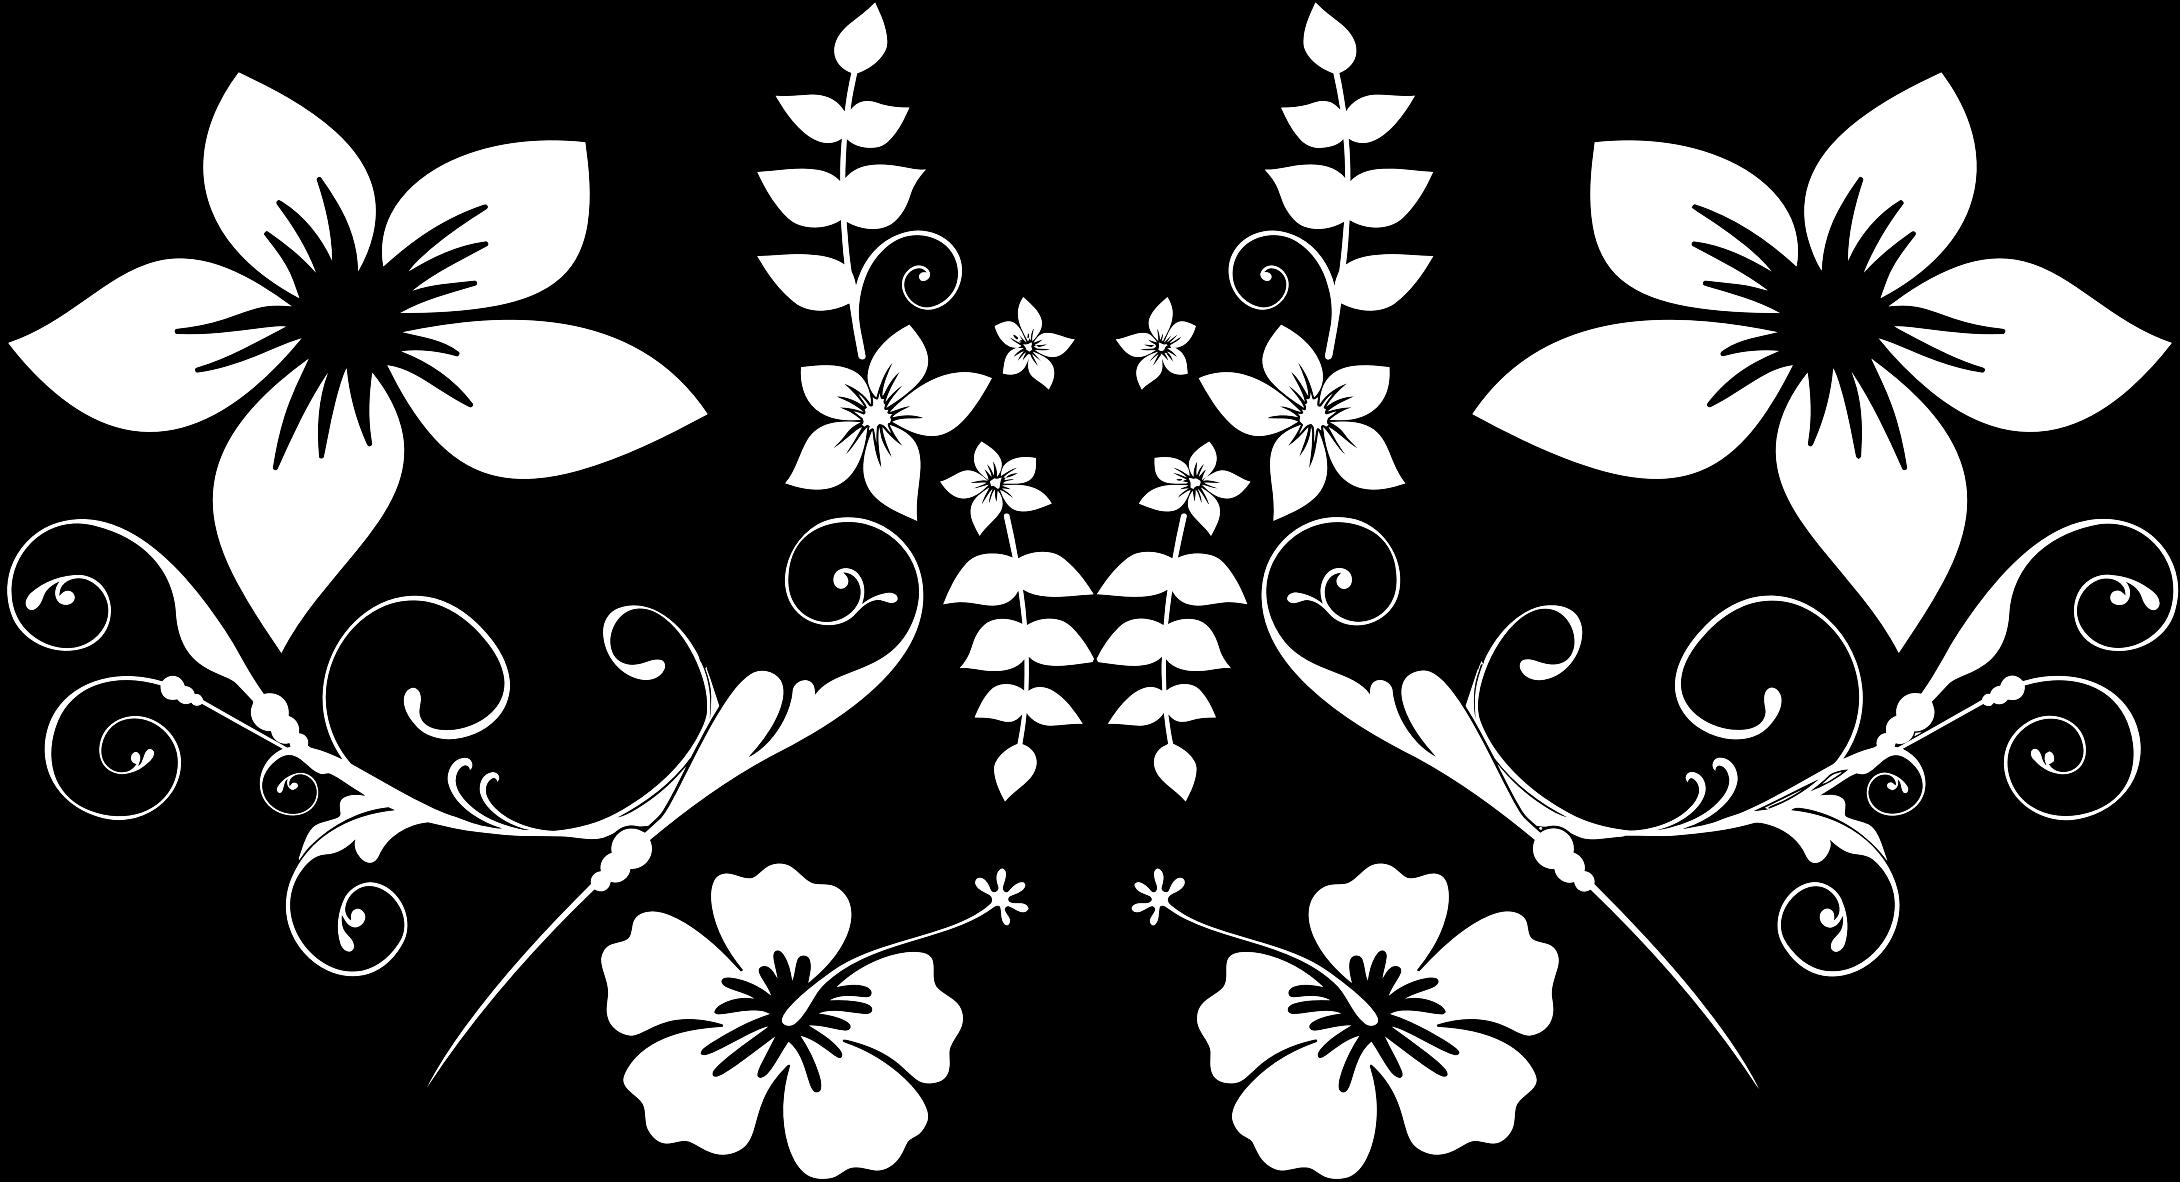 Line Art Floral : Clipart floral line art